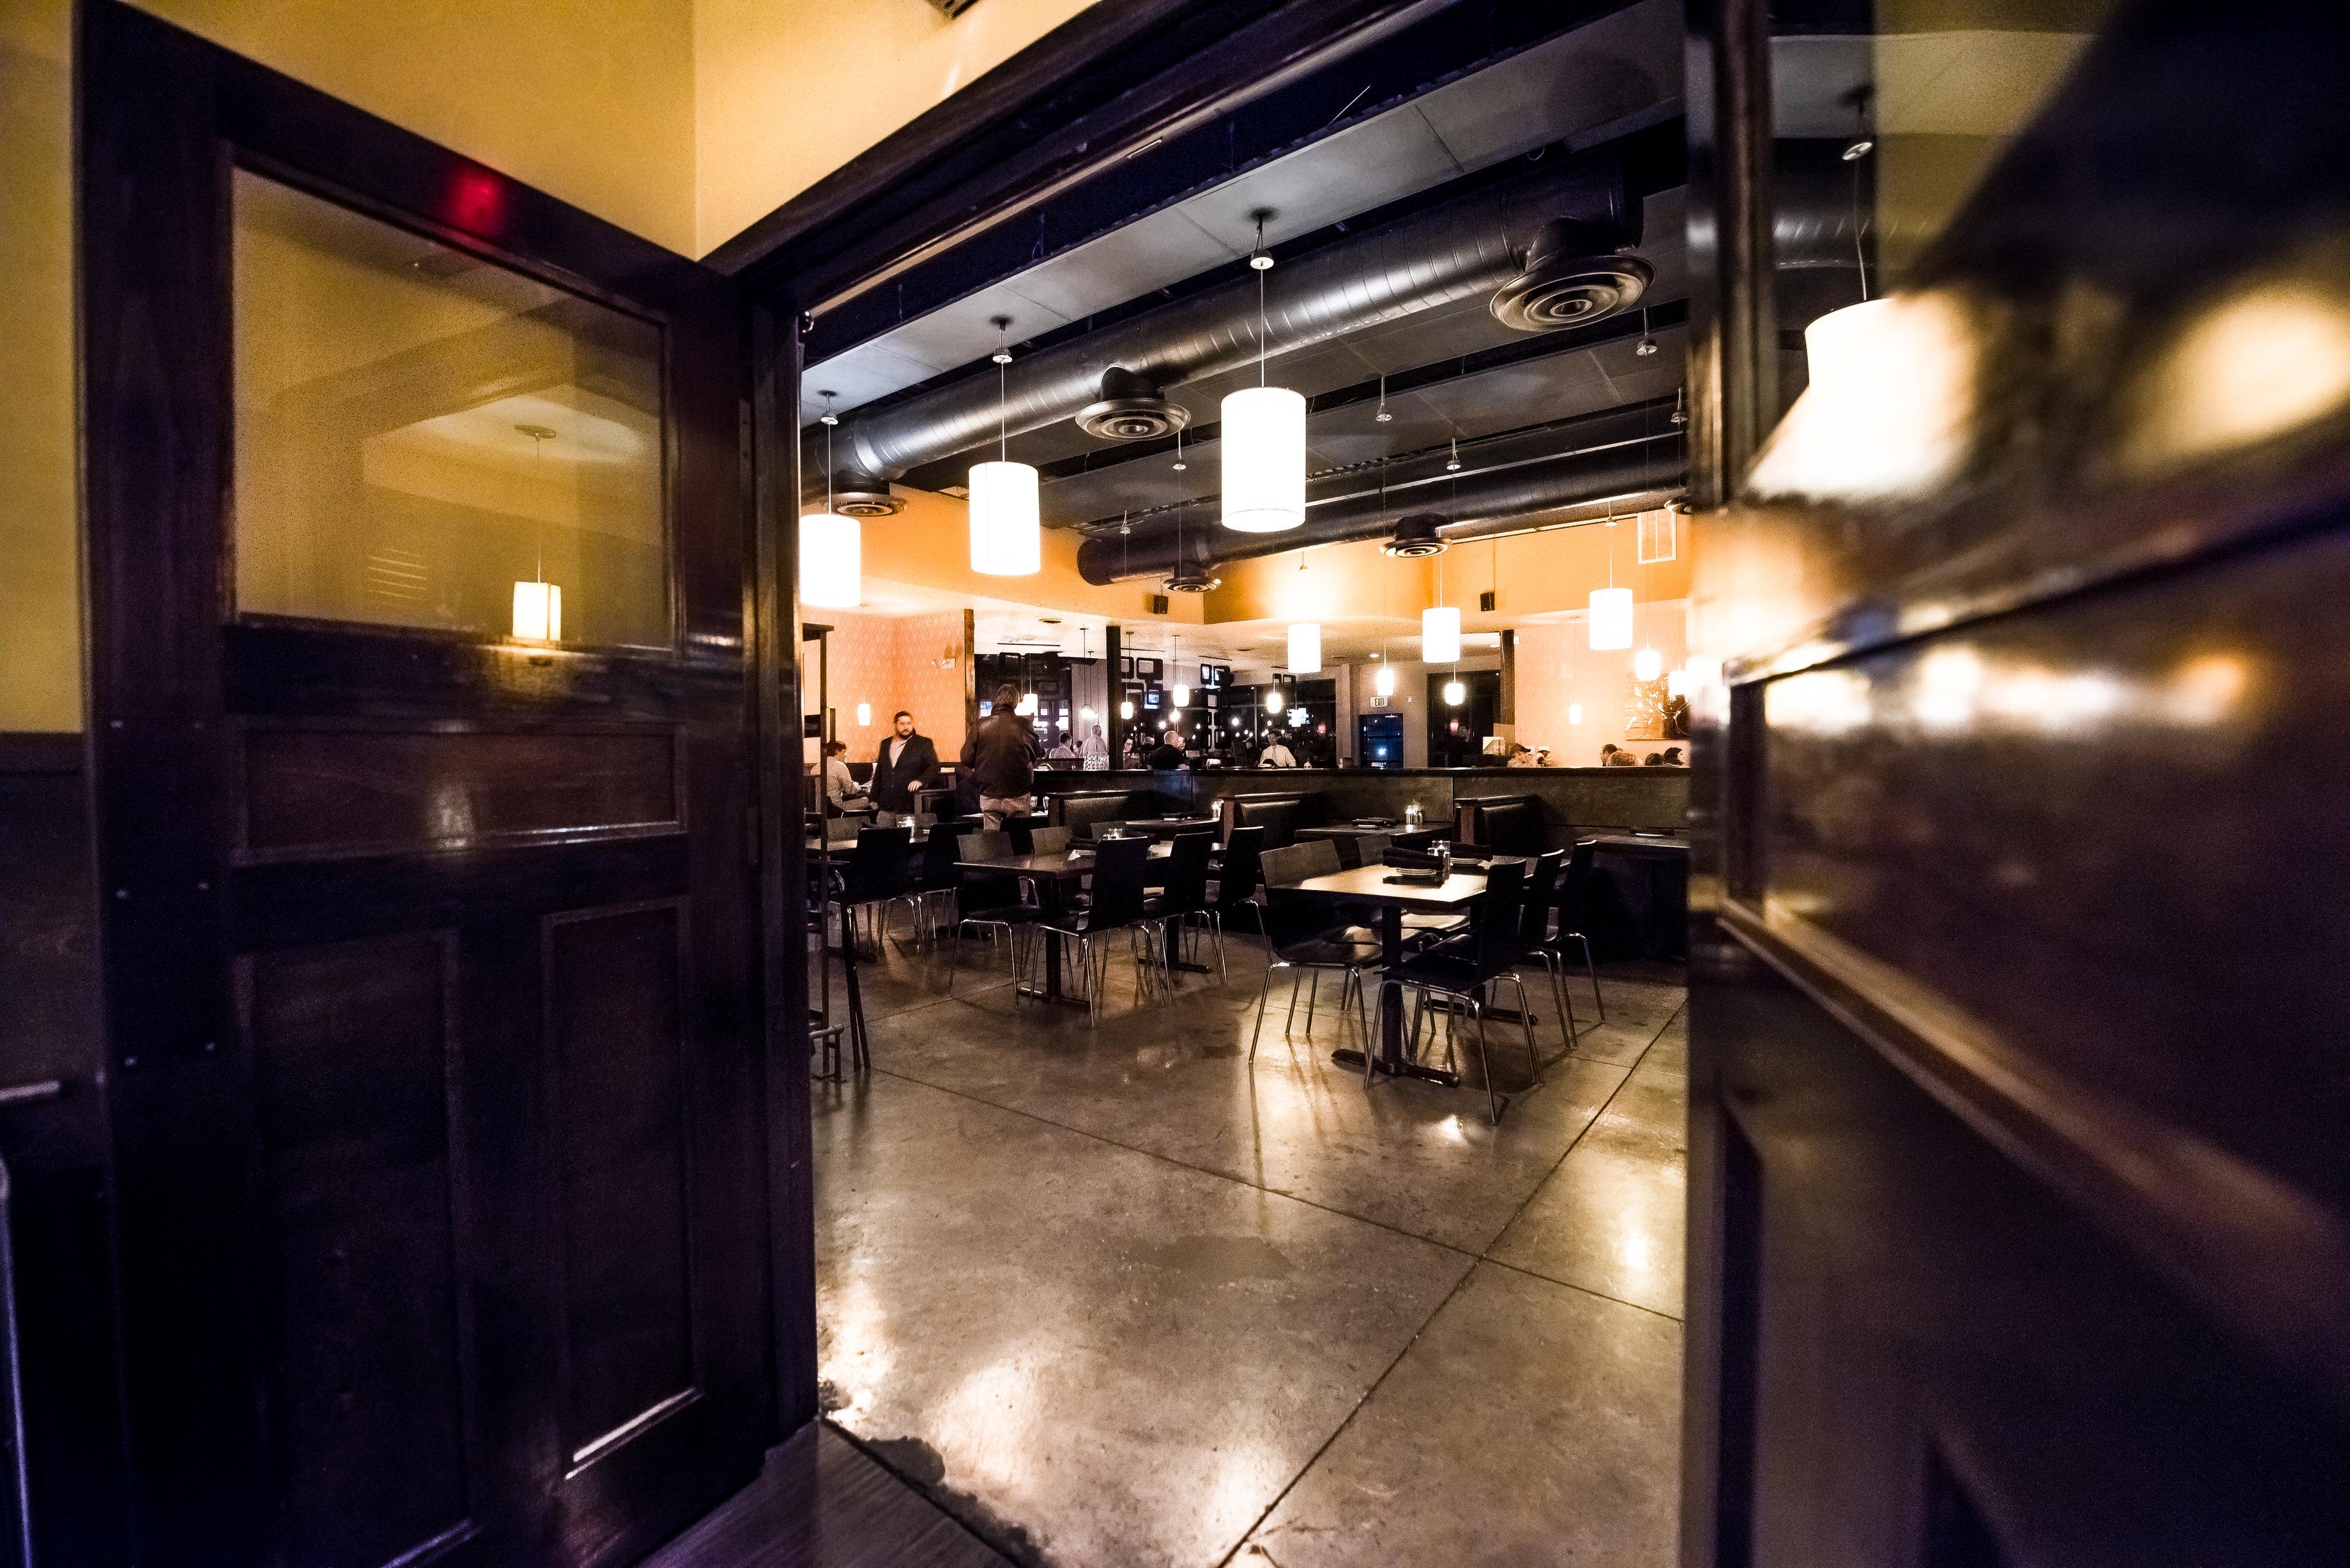 darfon-restaurant-dining-room-1r